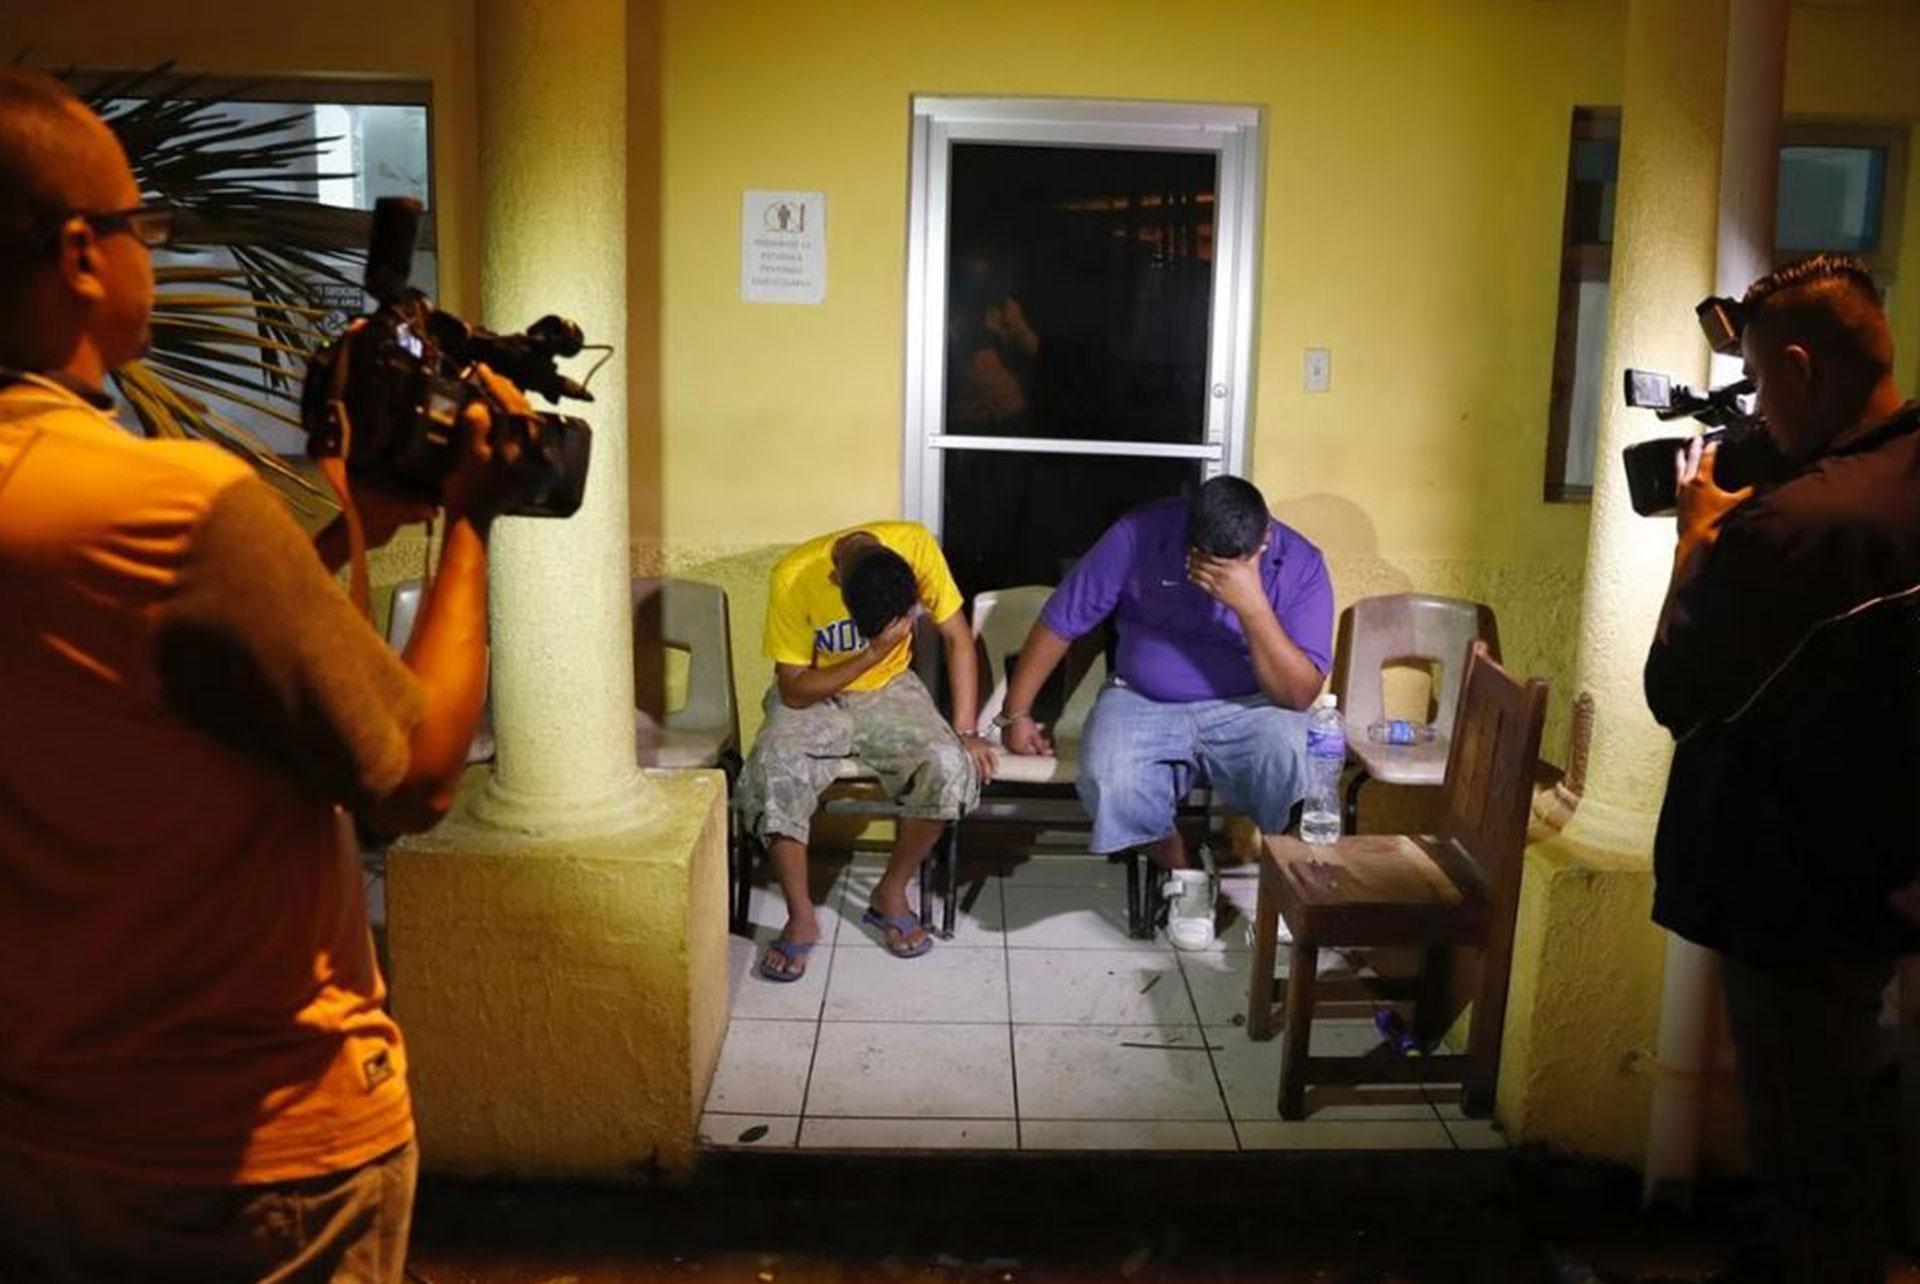 Dos personas se cubren sus rostros mientras son filmados por cámaras